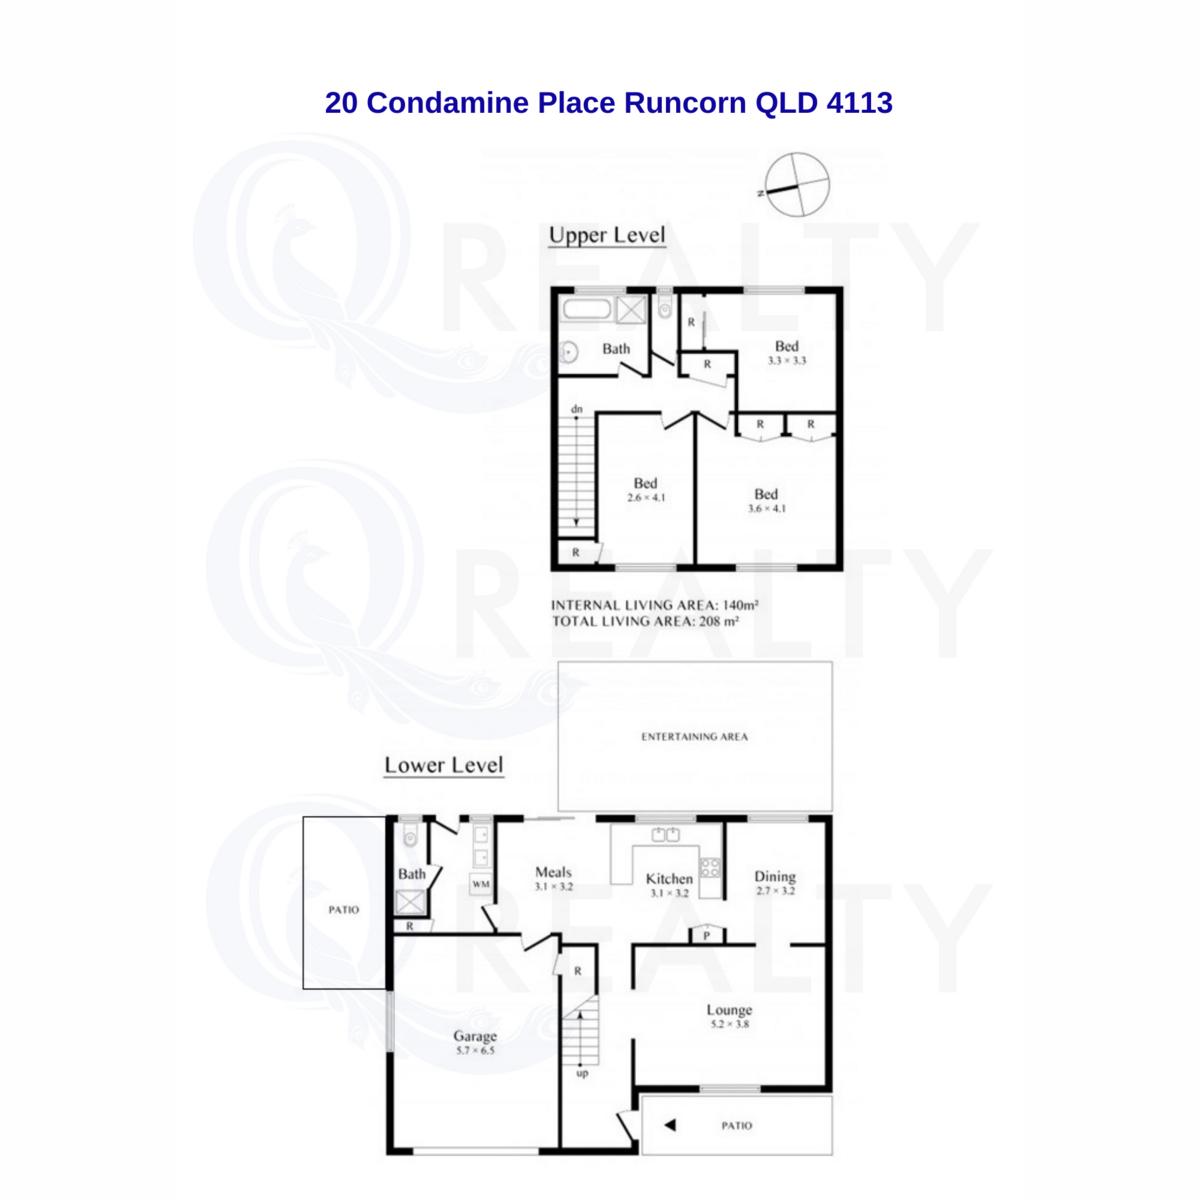 20 Condamine Place, Runcorn  QLD  4113